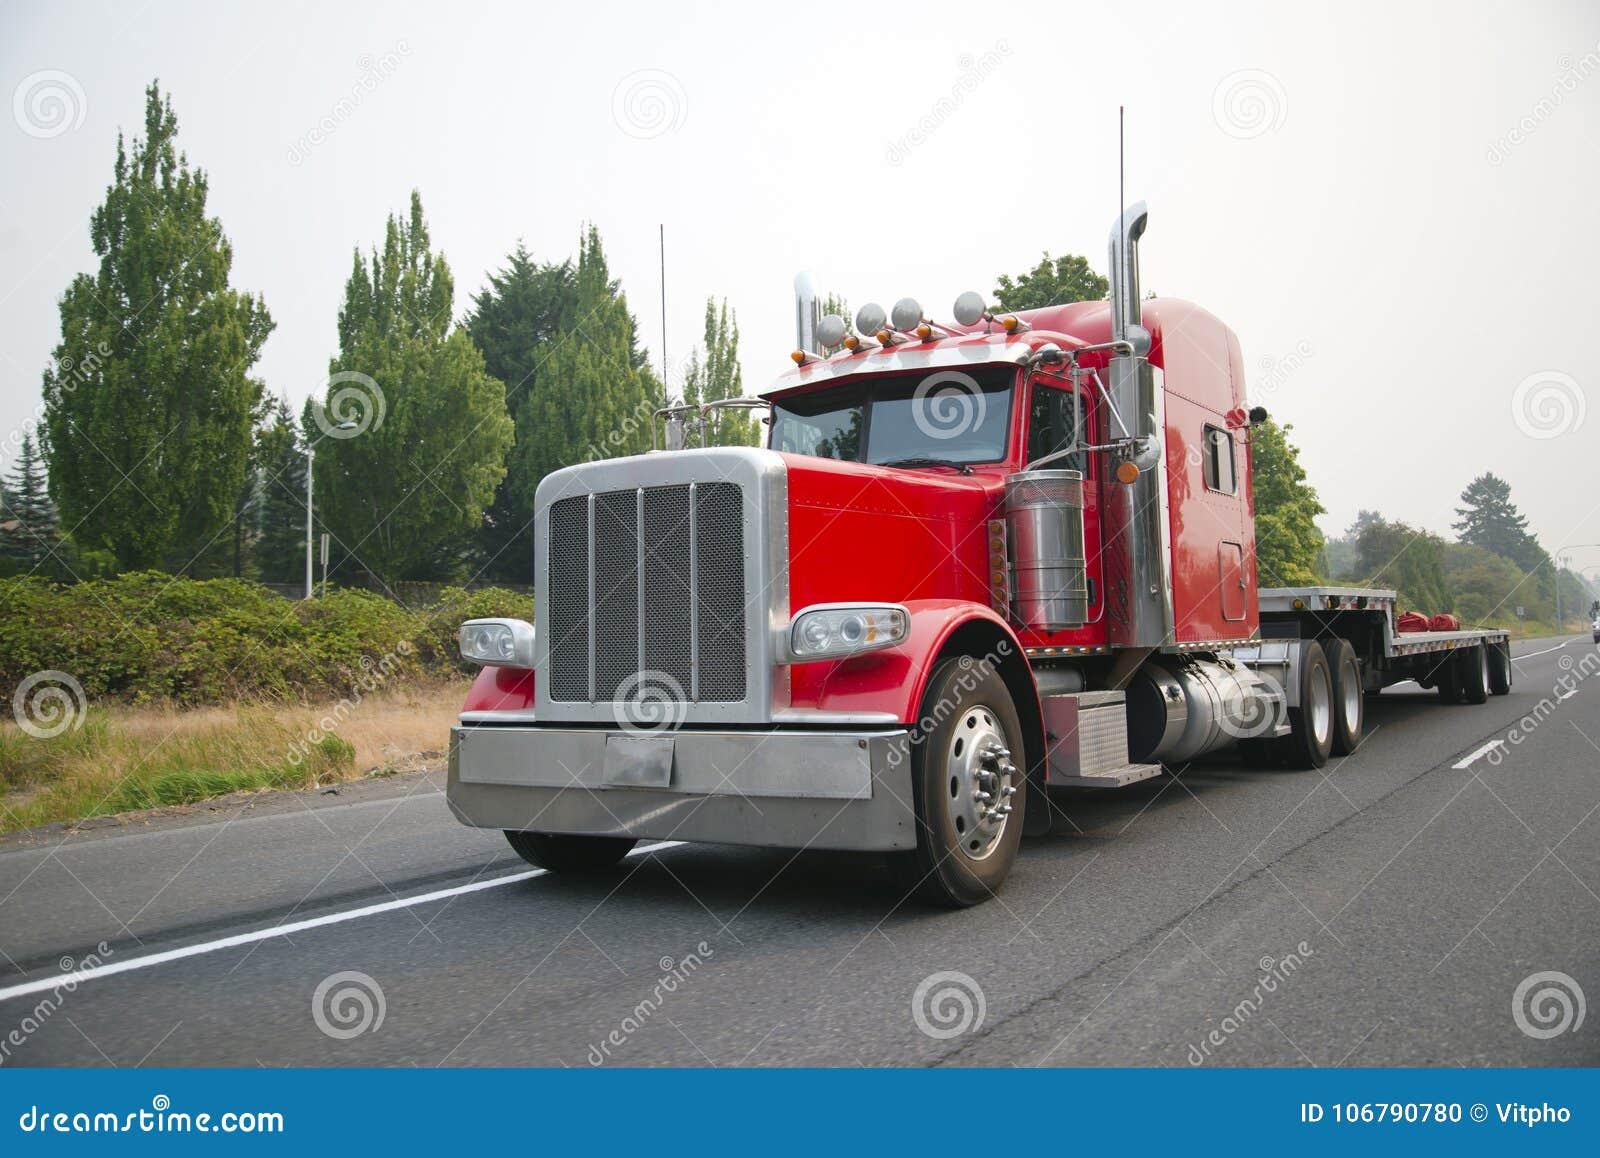 Ισχυρό κόκκινο μεγάλο ημι φορτηγό εγκαταστάσεων γεώτρησης με το επίπεδο βήμα κρεβατιών - κάτω από το ημι tra